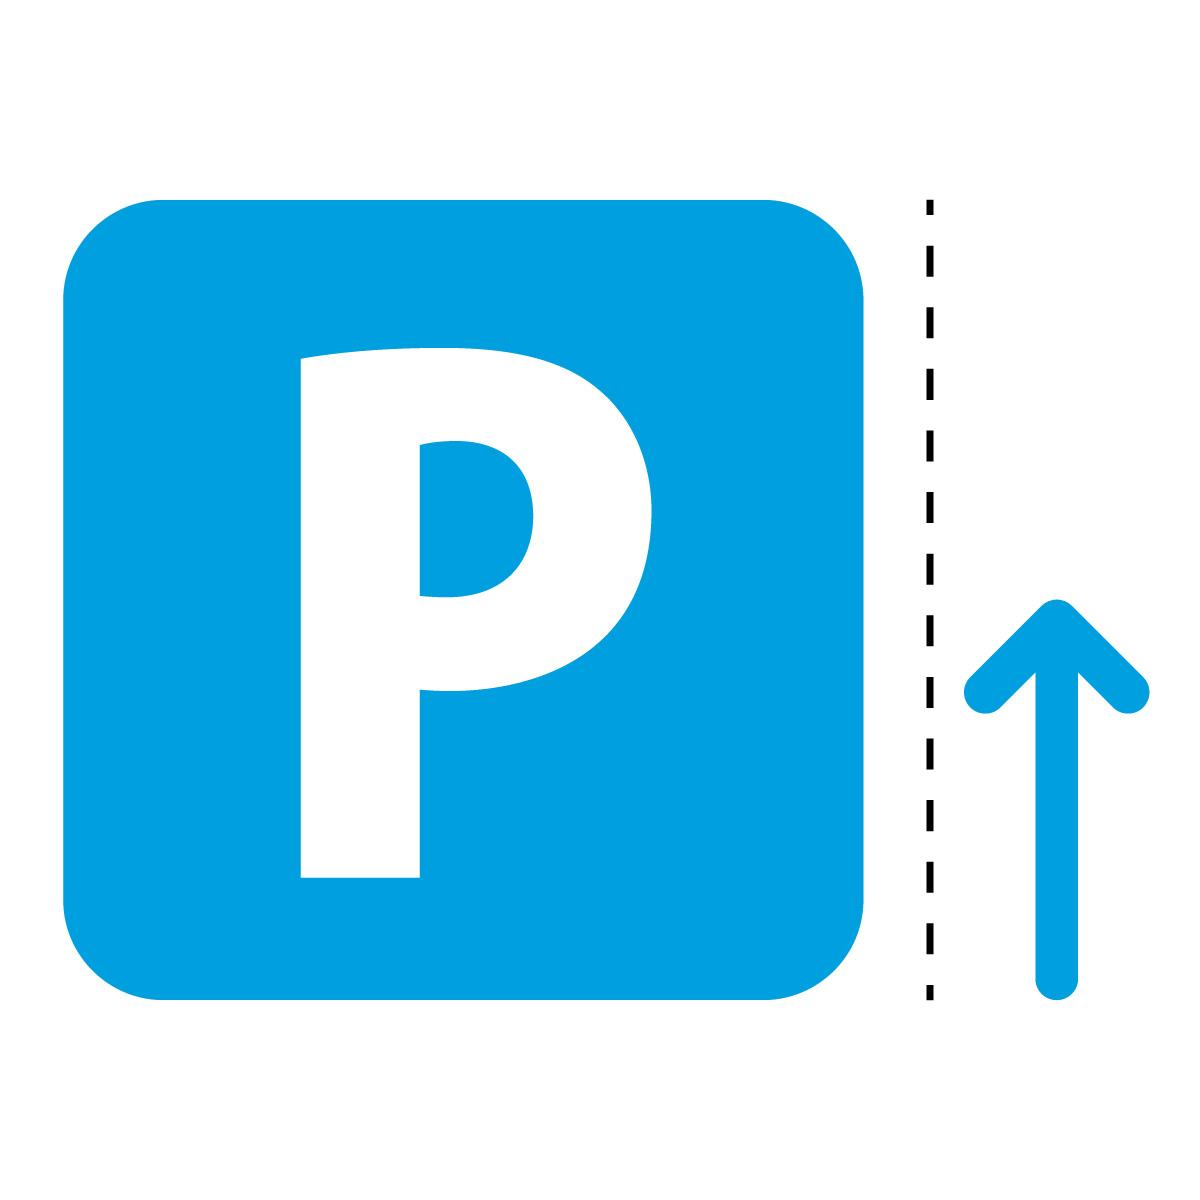 青色のパーキング・駐車場案内マークのカッティングステッカー・シール